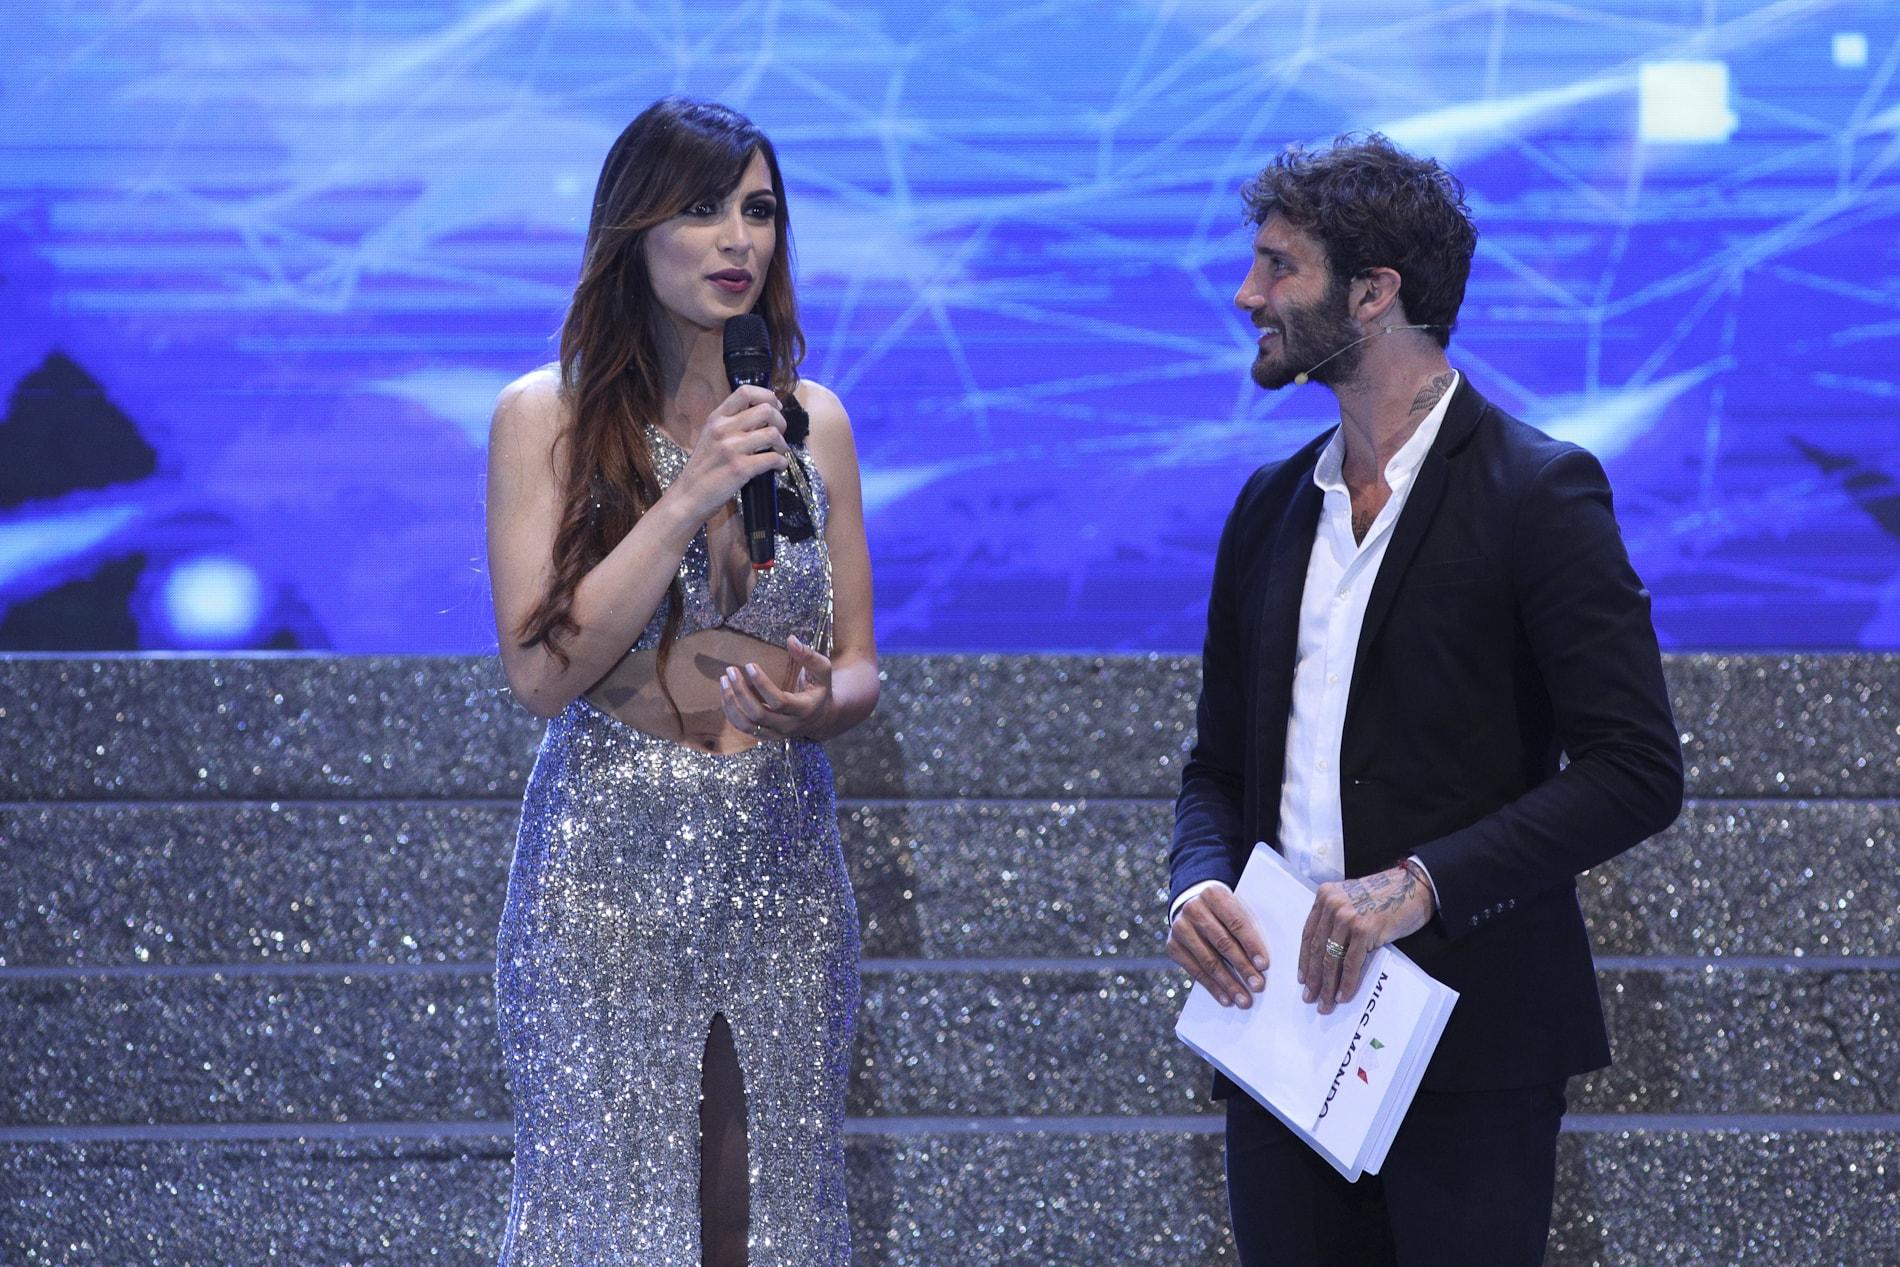 Finale Nazionale Miss Mondo Italia 2018 - 3